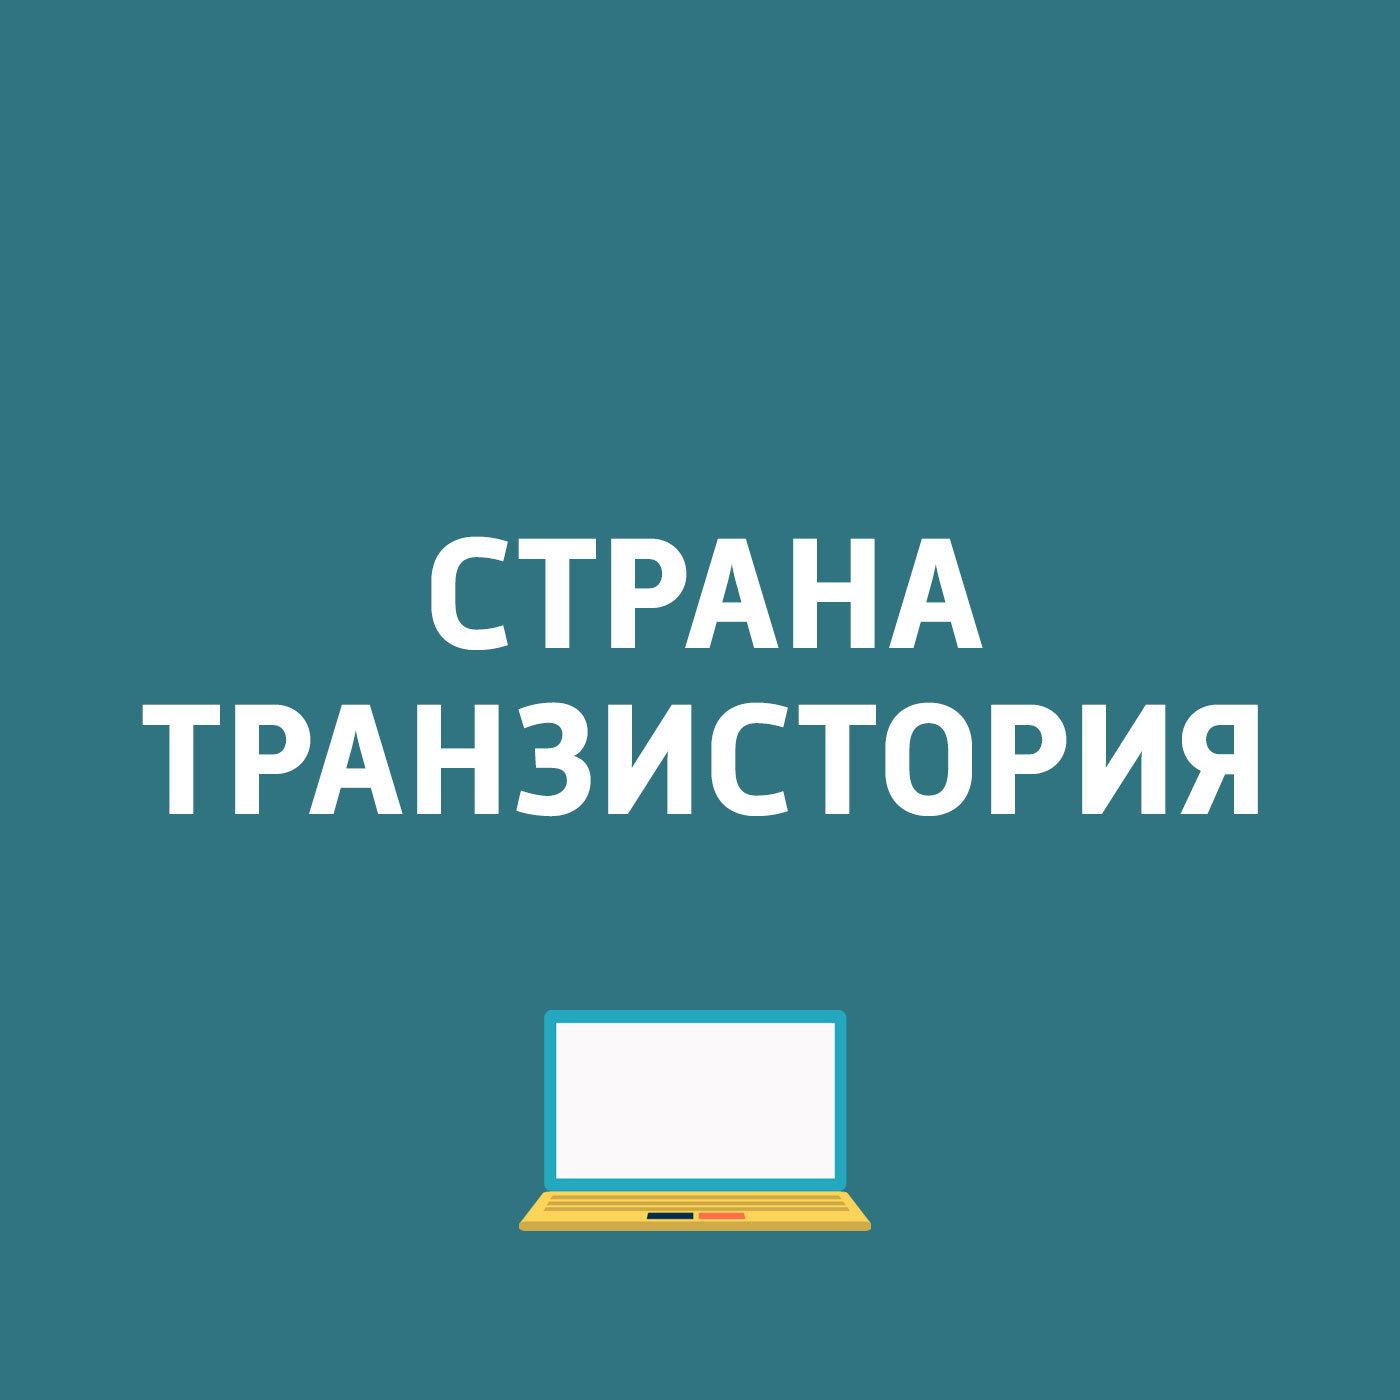 Картаев Павел LG SIGNATURE; Завершились Игромир и Комикон картаев павел lg signature завершились игромир и комикон